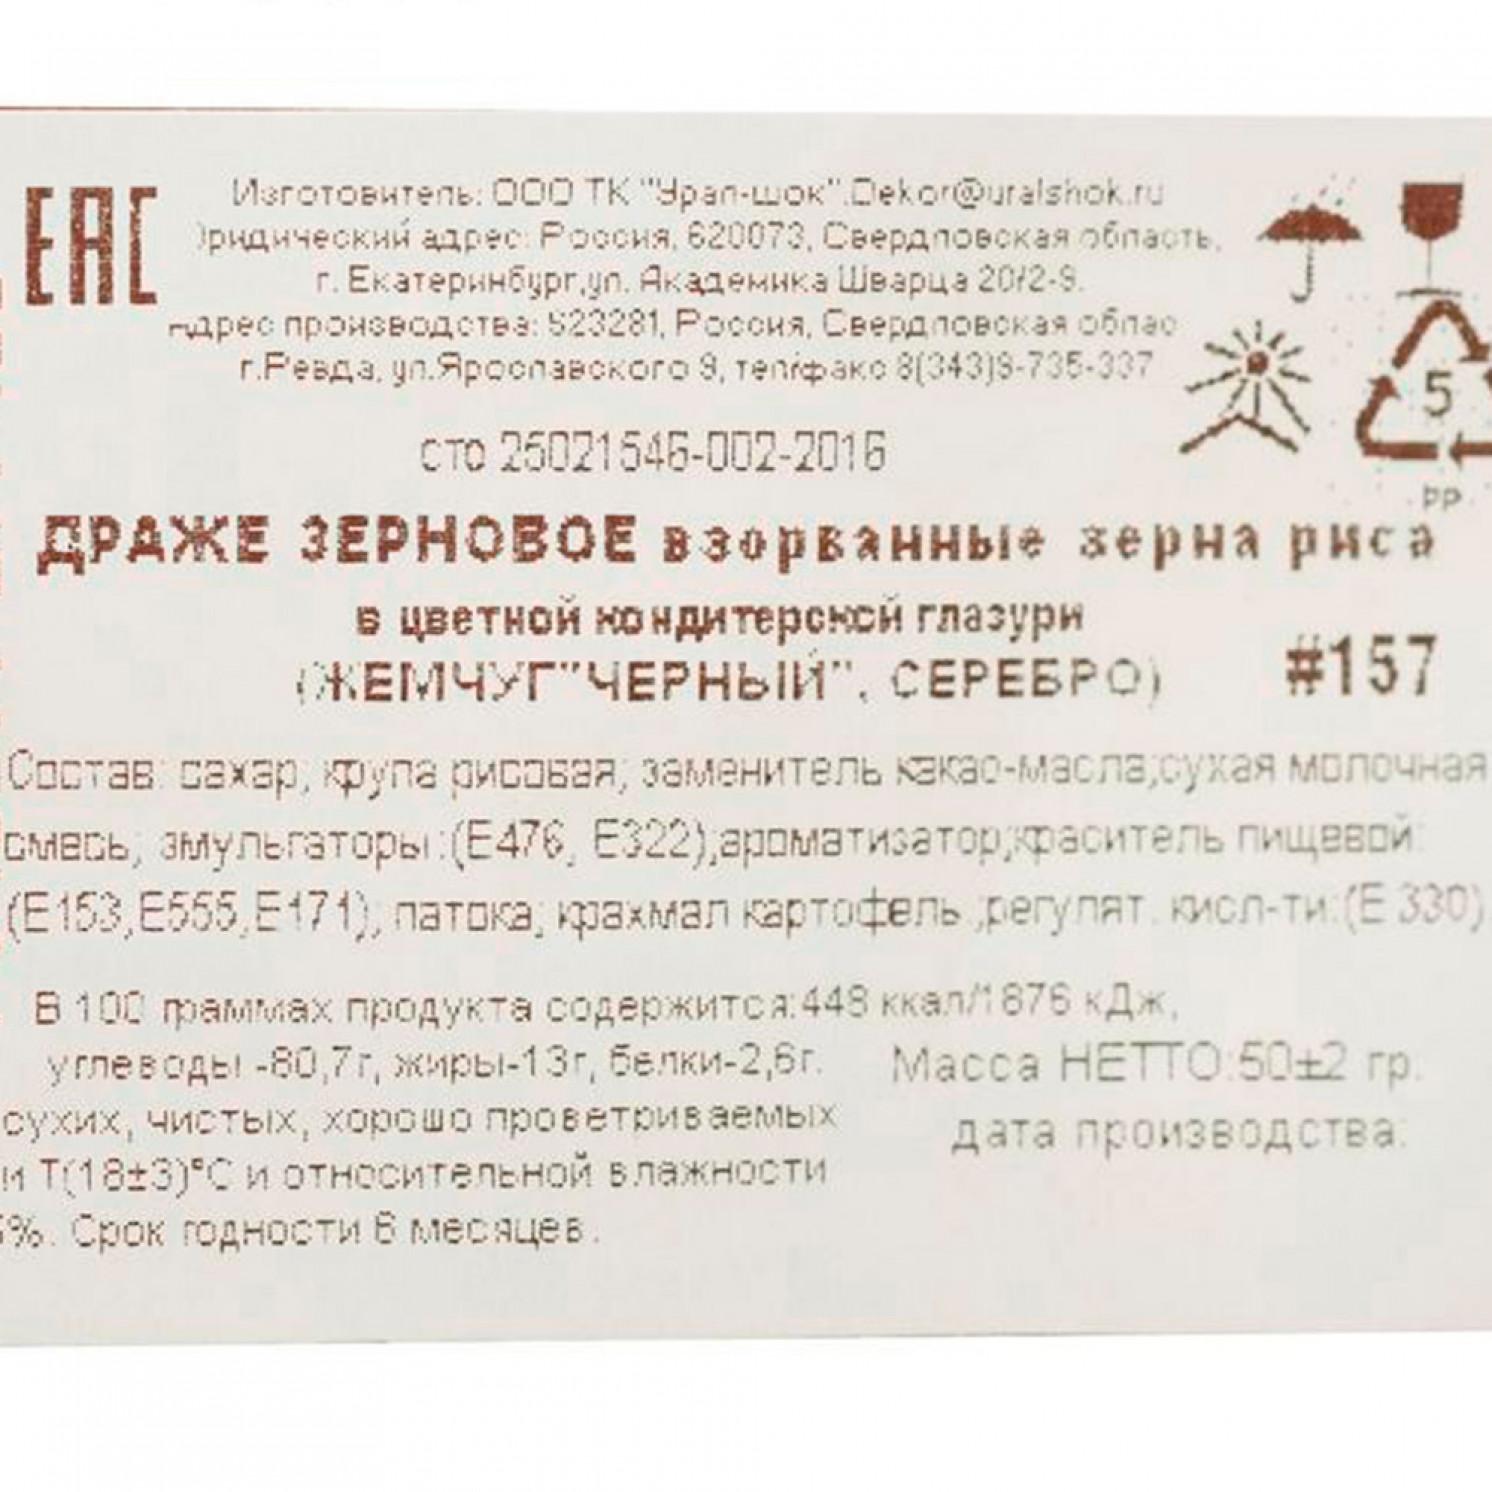 Драже «Жемчуг», взорванные зёрна риса в цветной кондитерской глазури, серебро/чёрный, 50 г